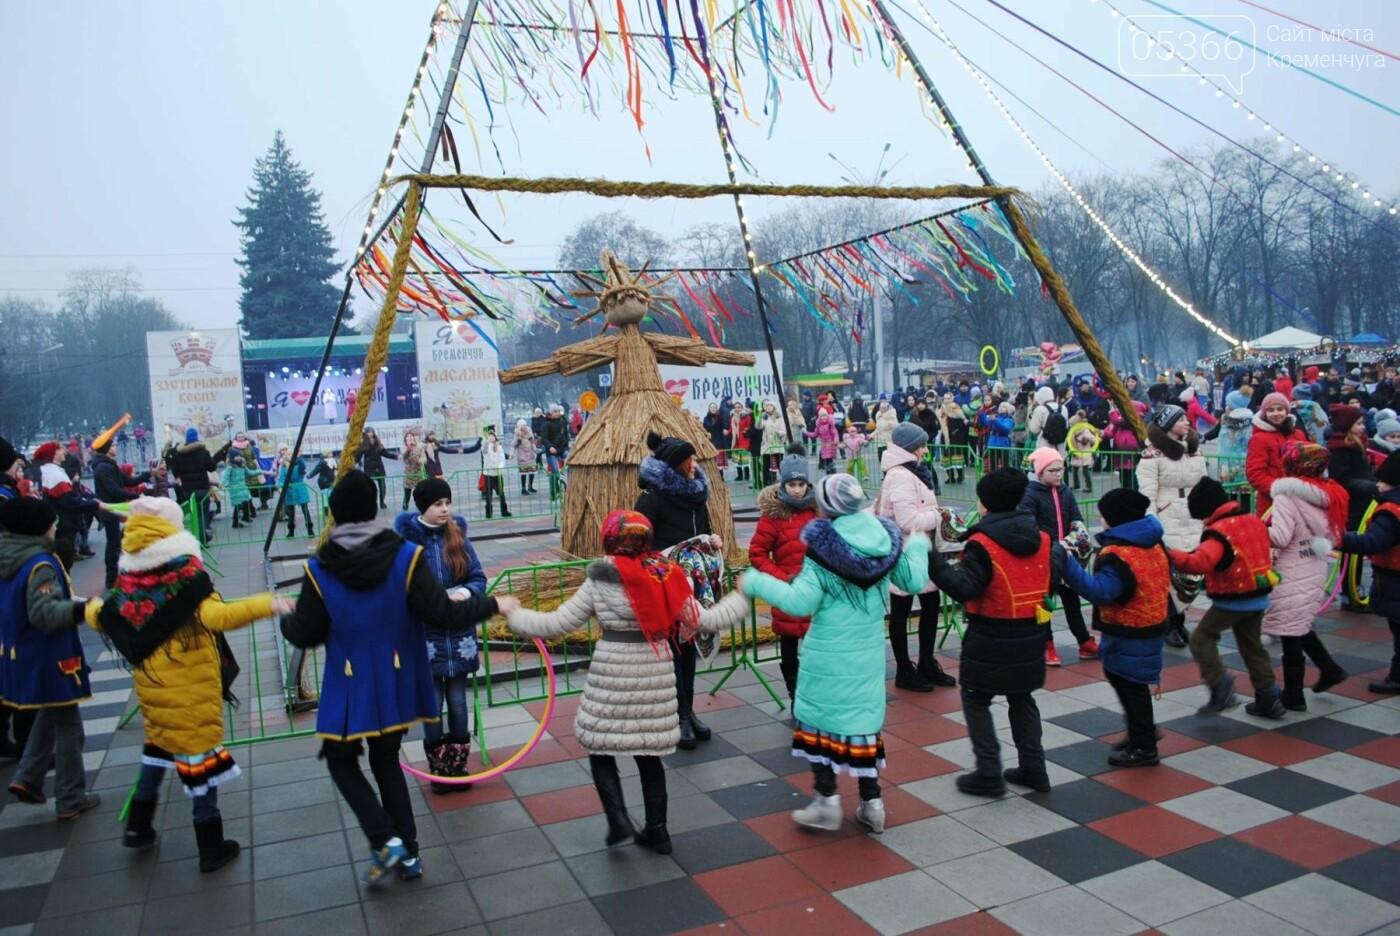 Масленицу в Кременчуге открыли парадом, хороводом и катанием на телеге (фото и видео), фото-1